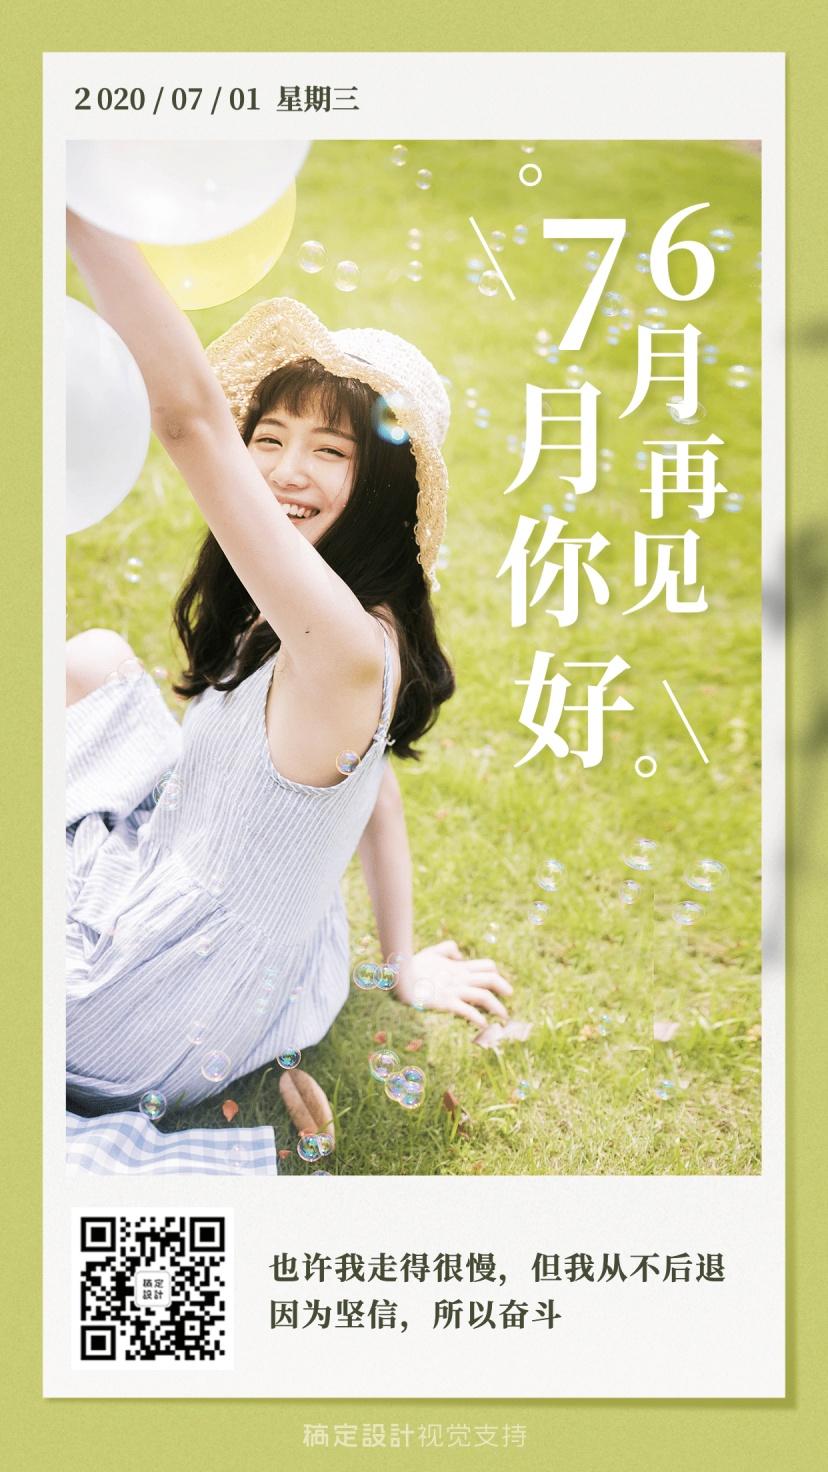 6月再见励志正能量宣传海报